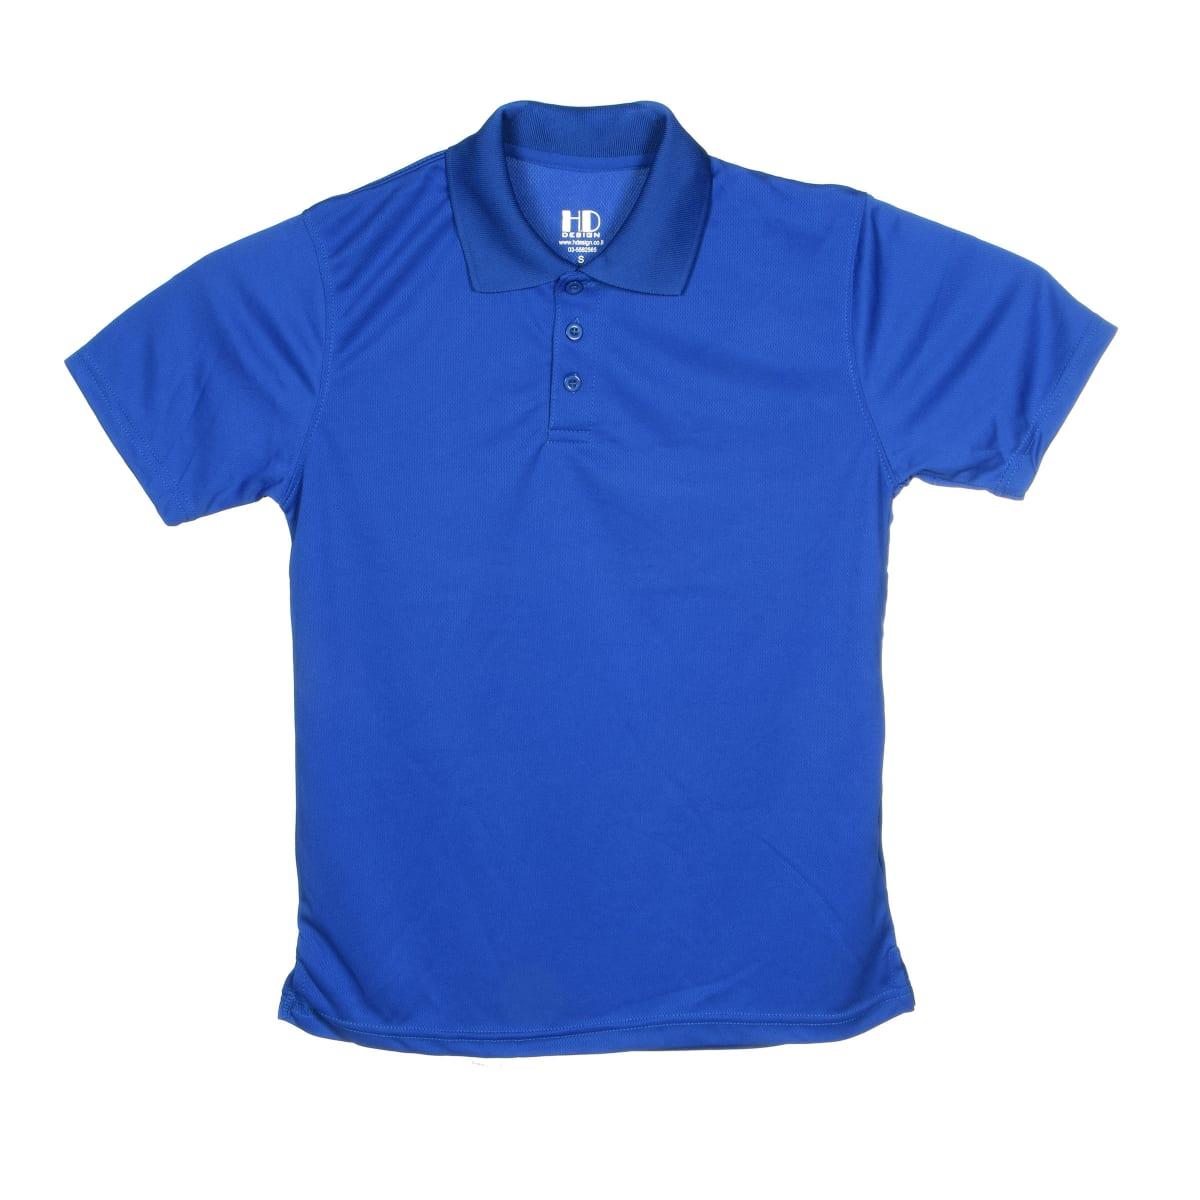 חולצת פולו   חולצות פולו דרייפיט   חולצת פולו בצבע כחול רויאל